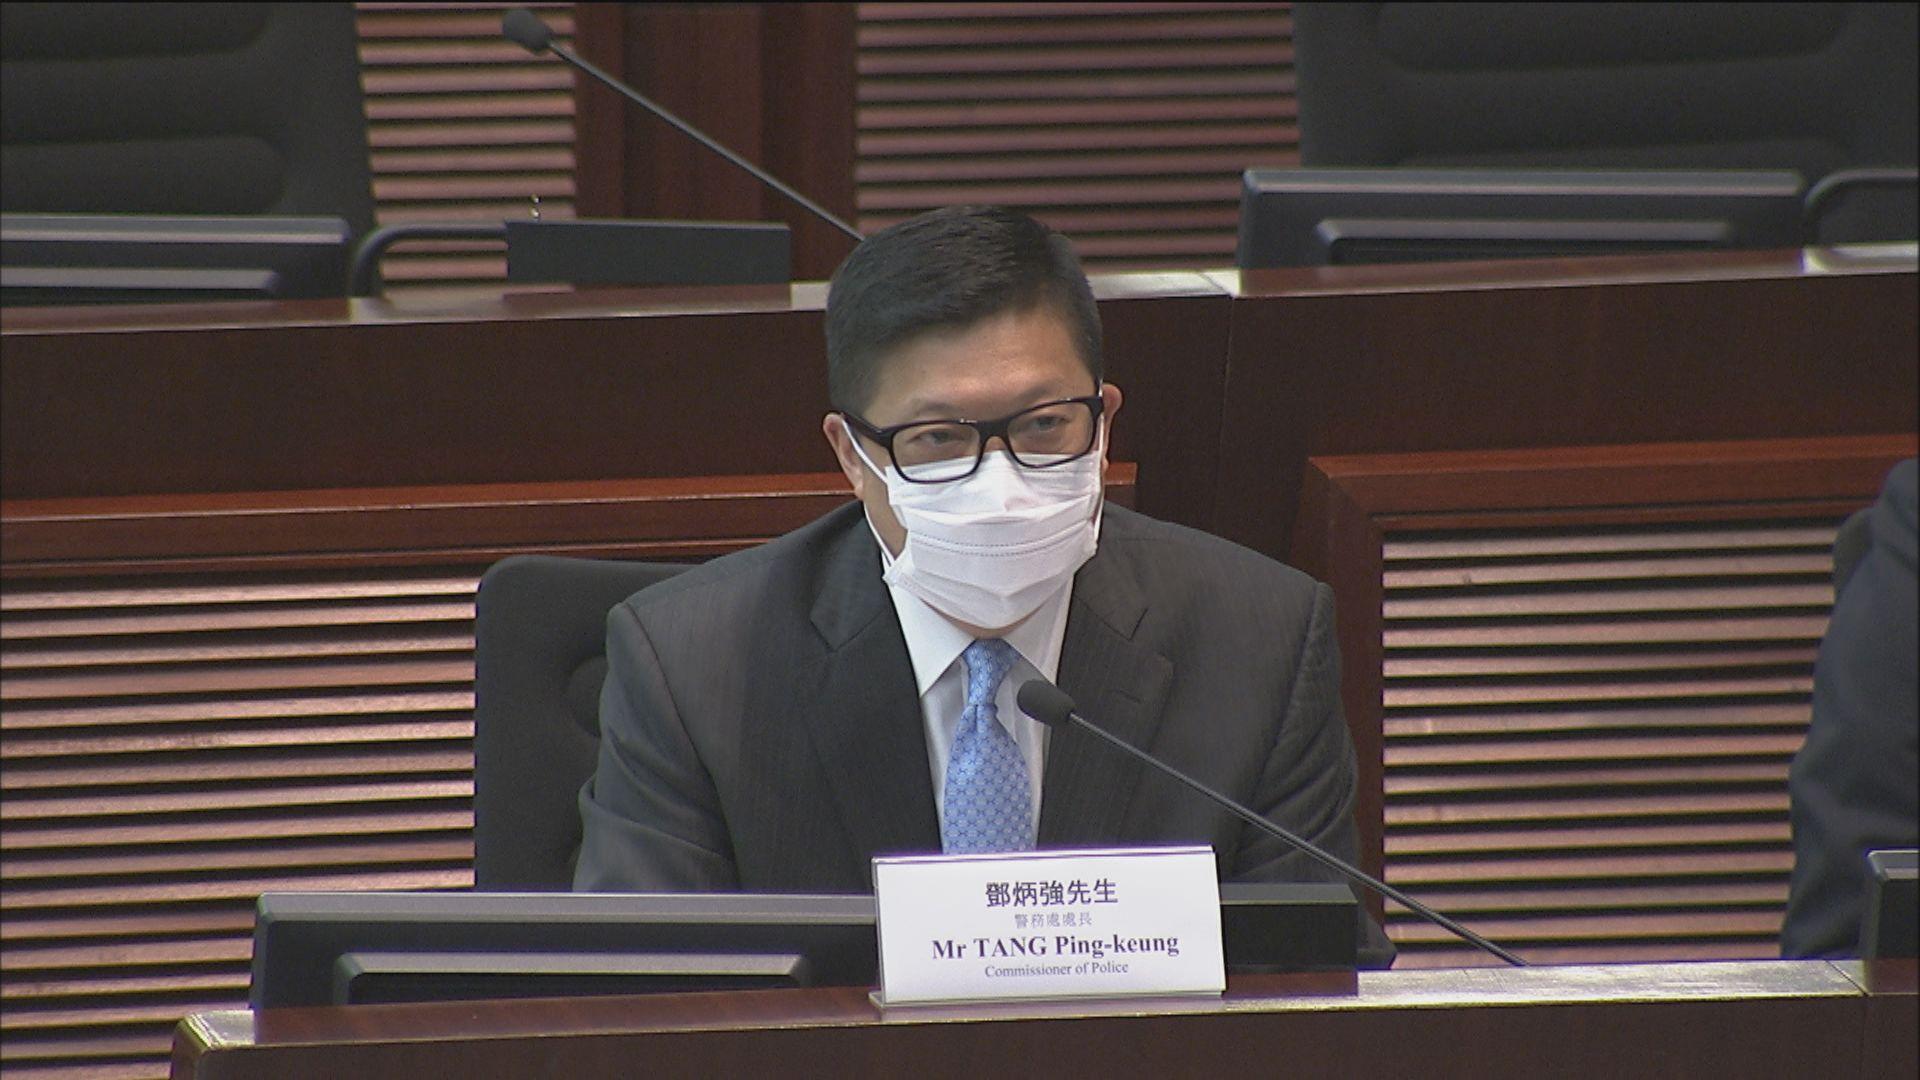 鄧炳強:正內部調查三警隊高層有否違反守則